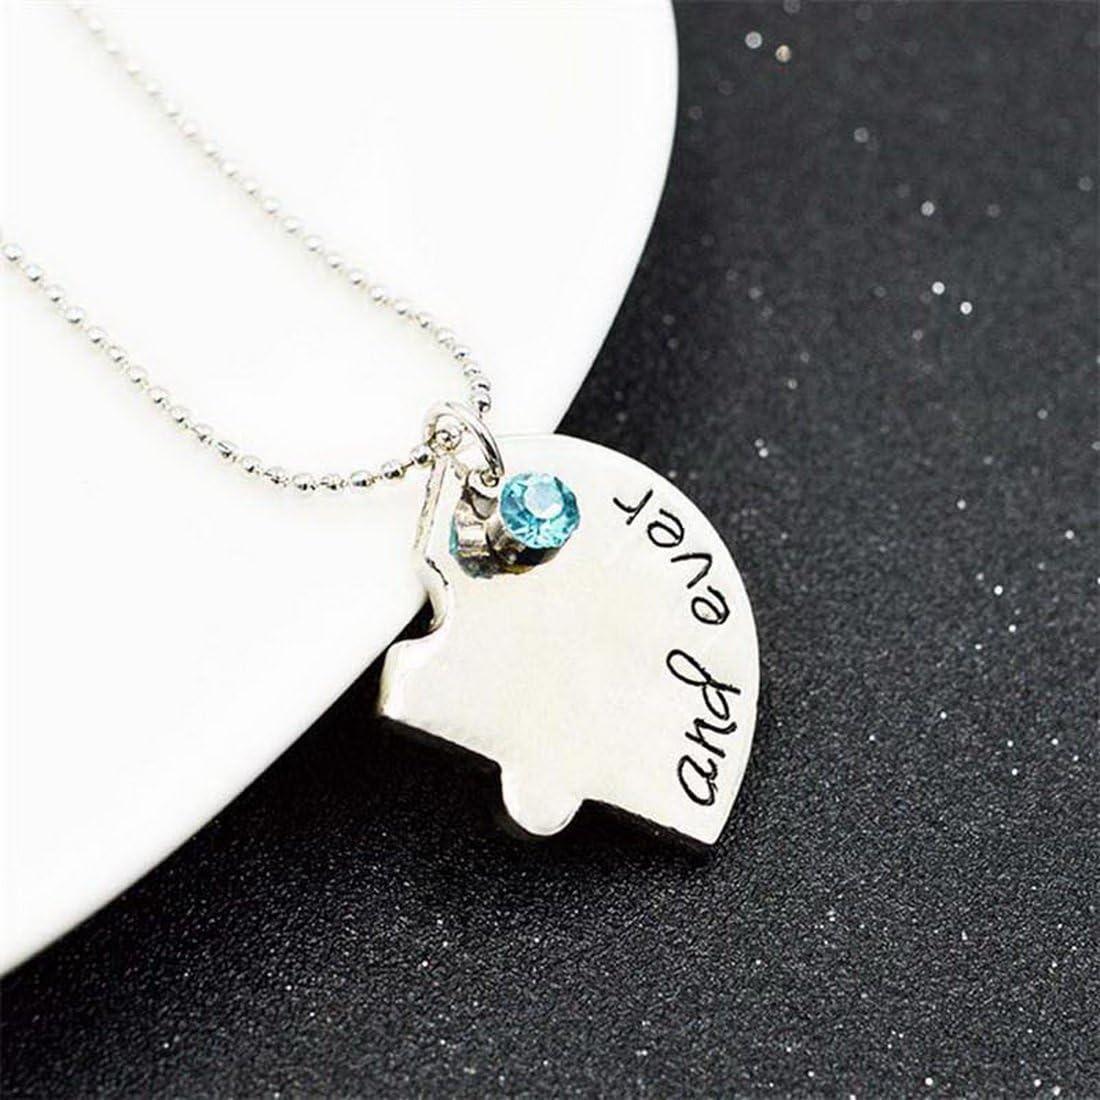 MJARTORIA Damen M/ädchen Halskette Silber Farbe BFF Kette CZ Kristall Gravur Best Friends Forever Herz Puzzle Anh/änger Freundschaftsketten f/ür 4 f/ür 2